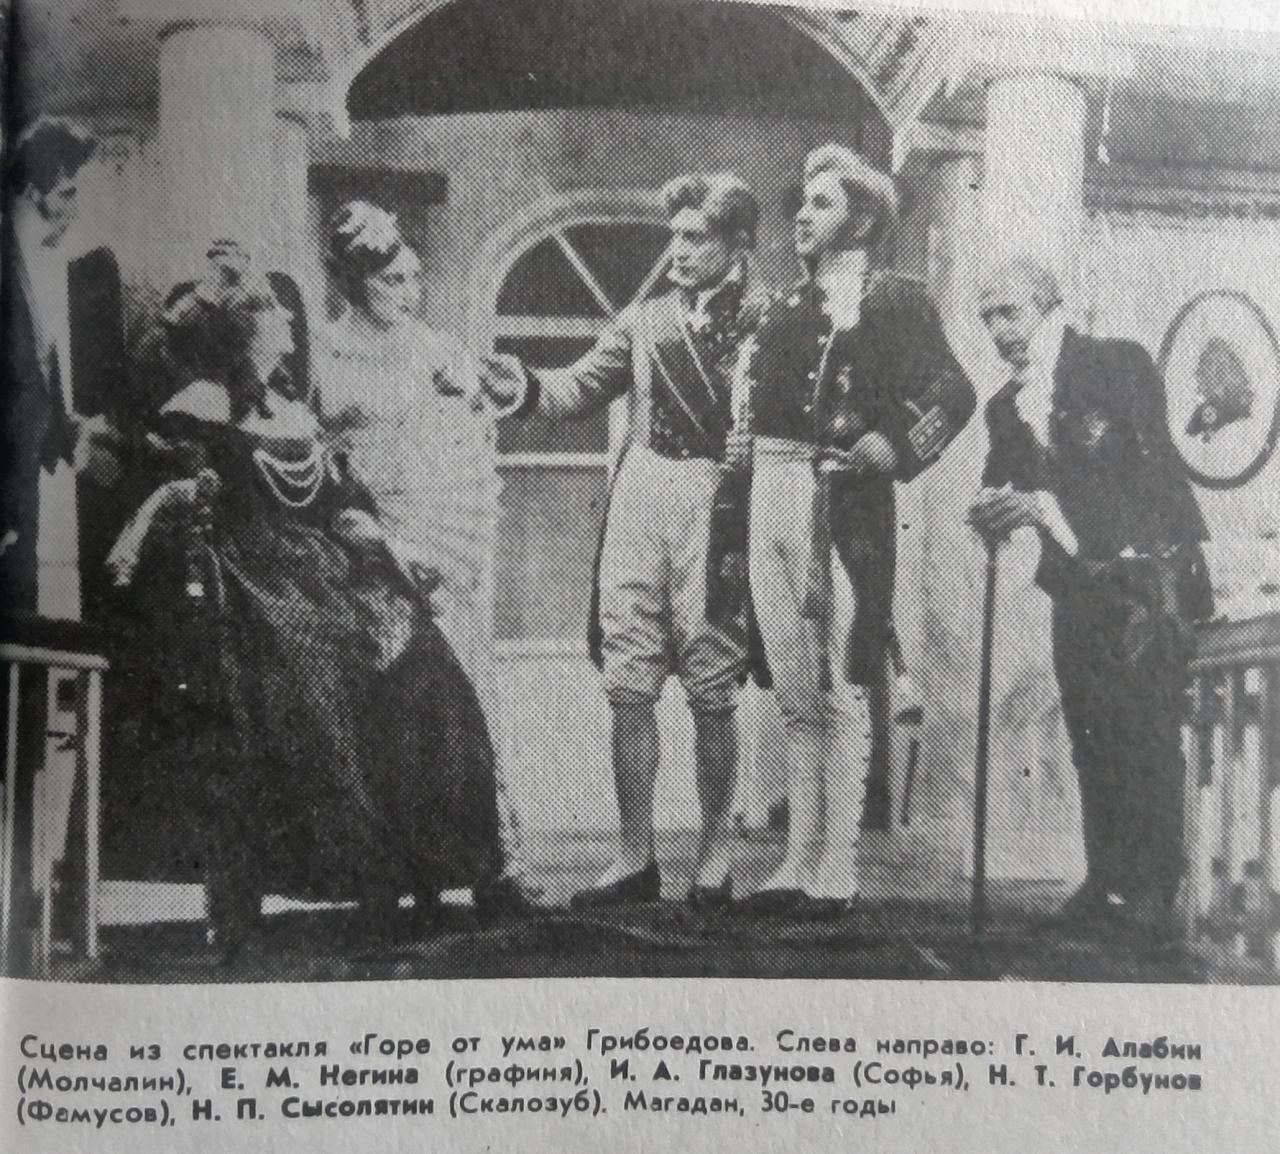 Сцена из спектакля «Горе от ума Грибоедова». Магадан, 30-е годы.